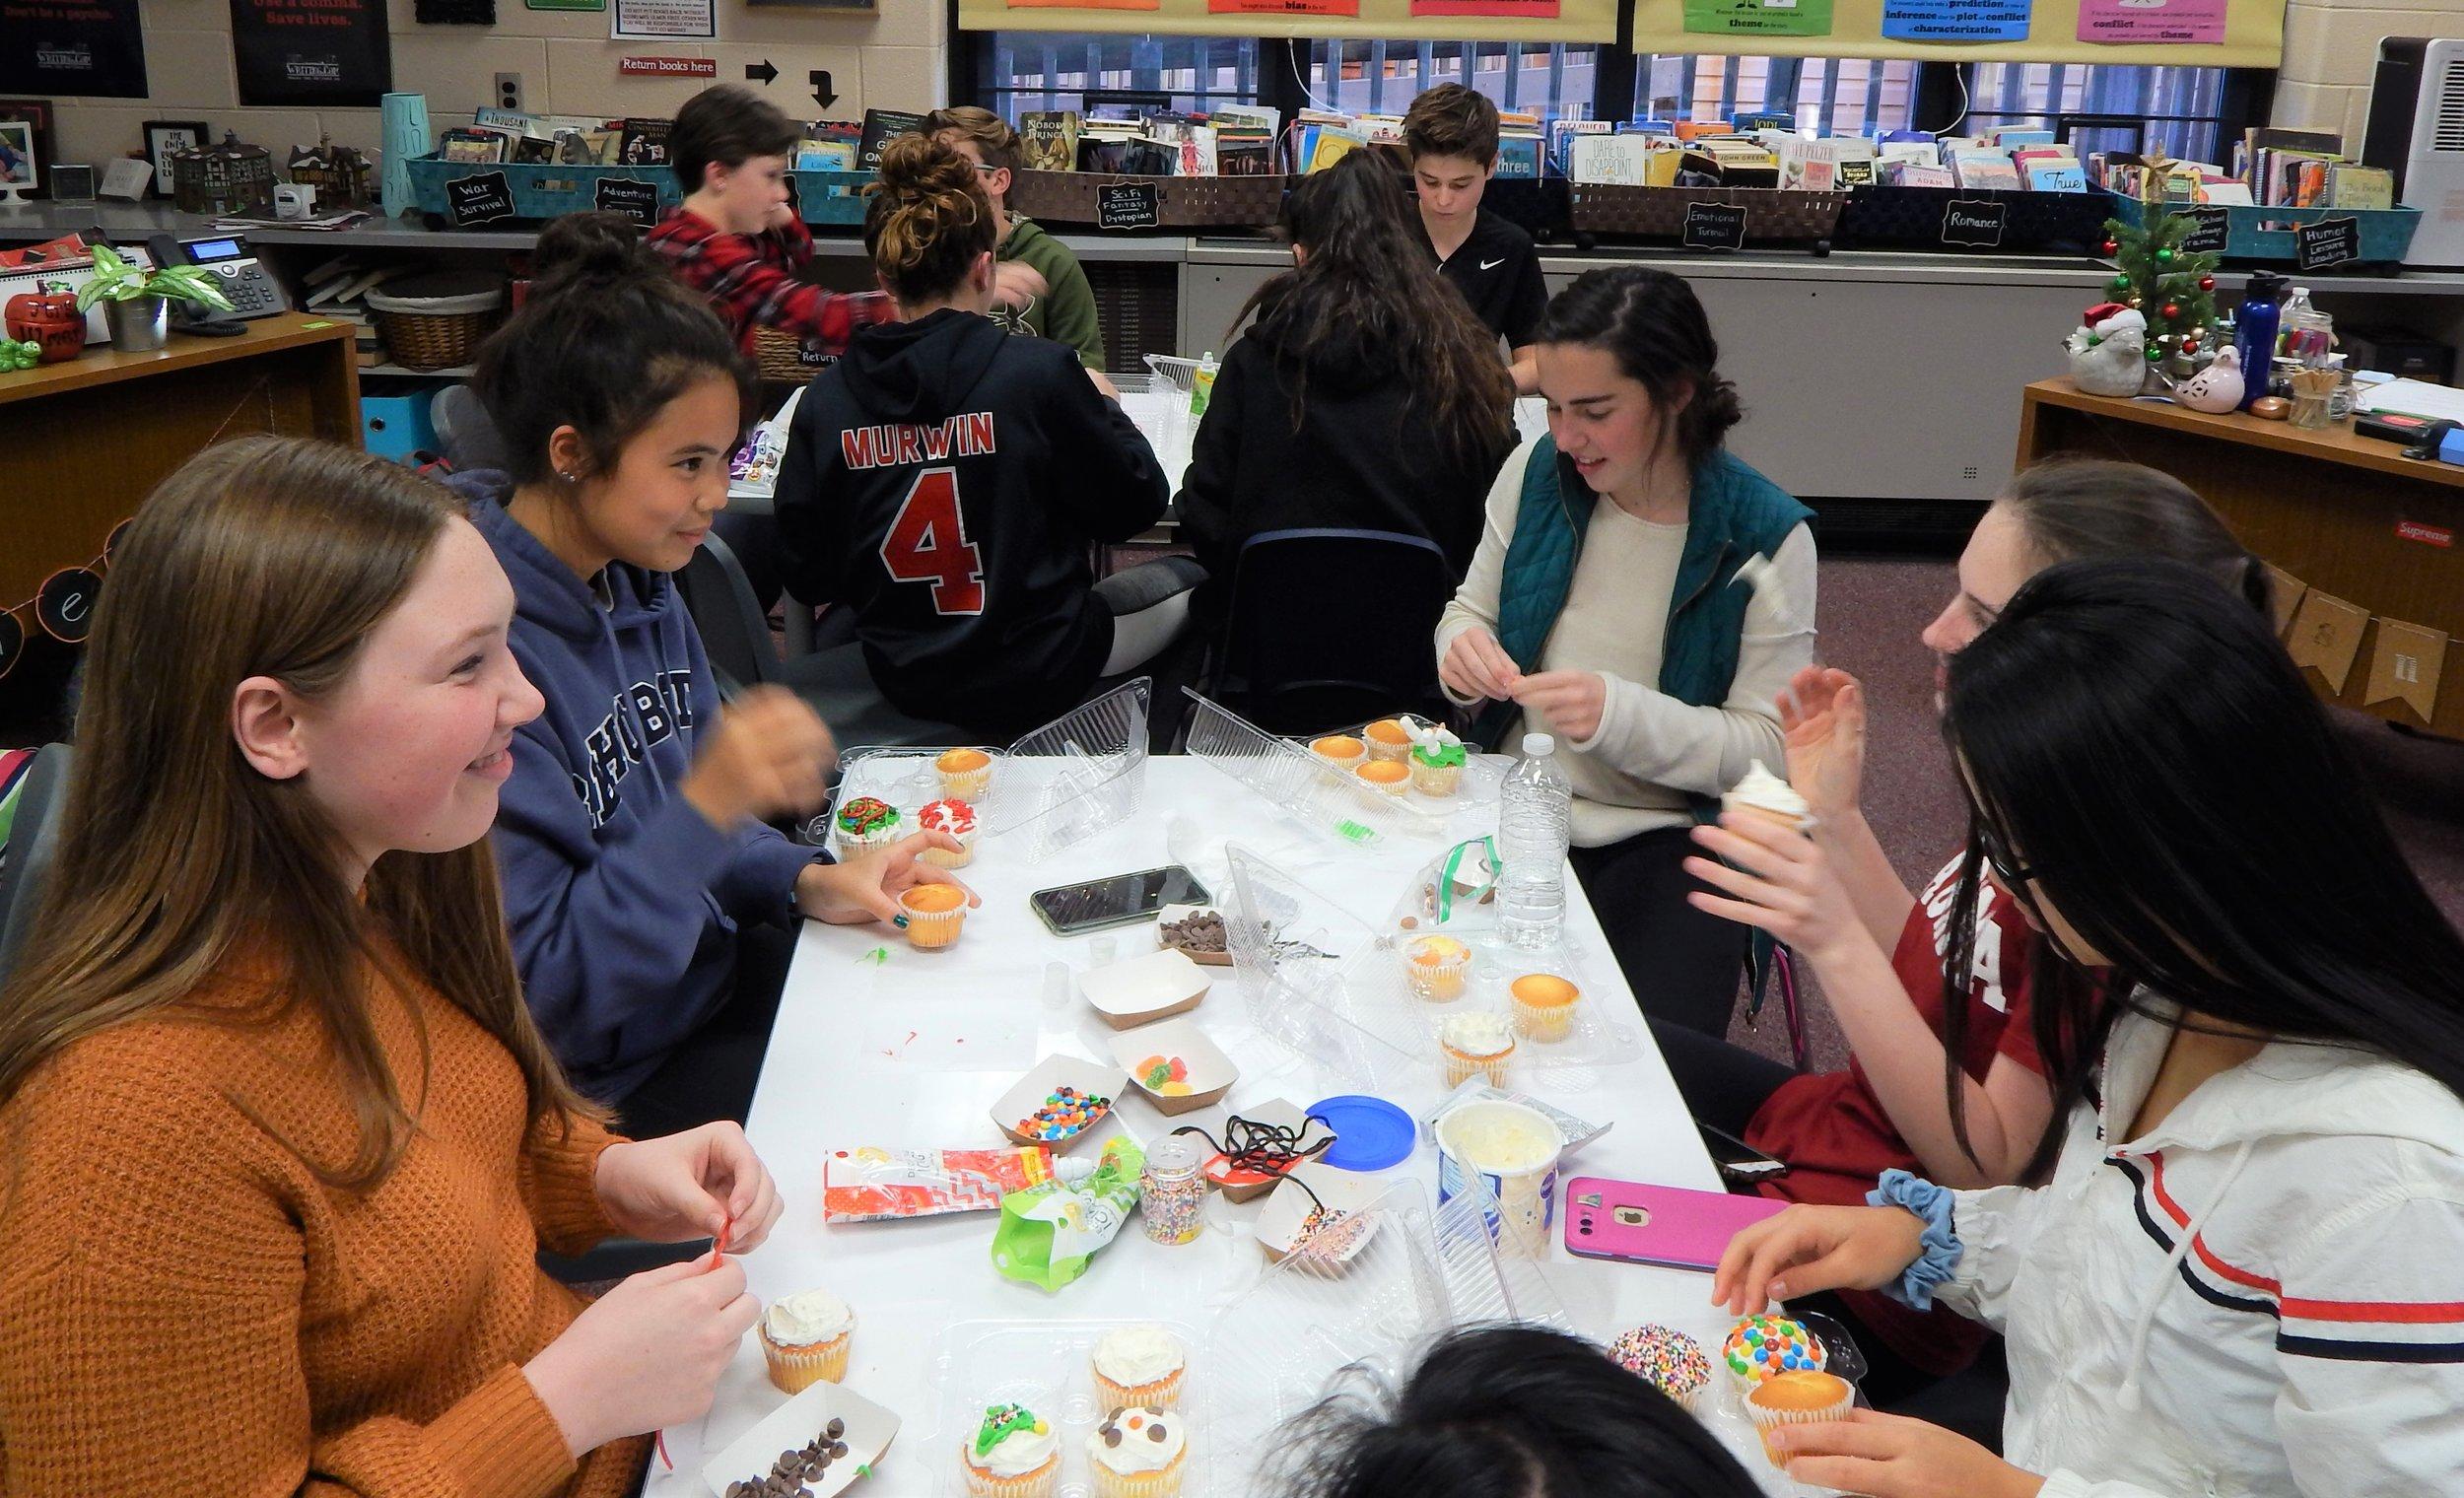 HHHS 12-11 Cupcake Party 5.jpg